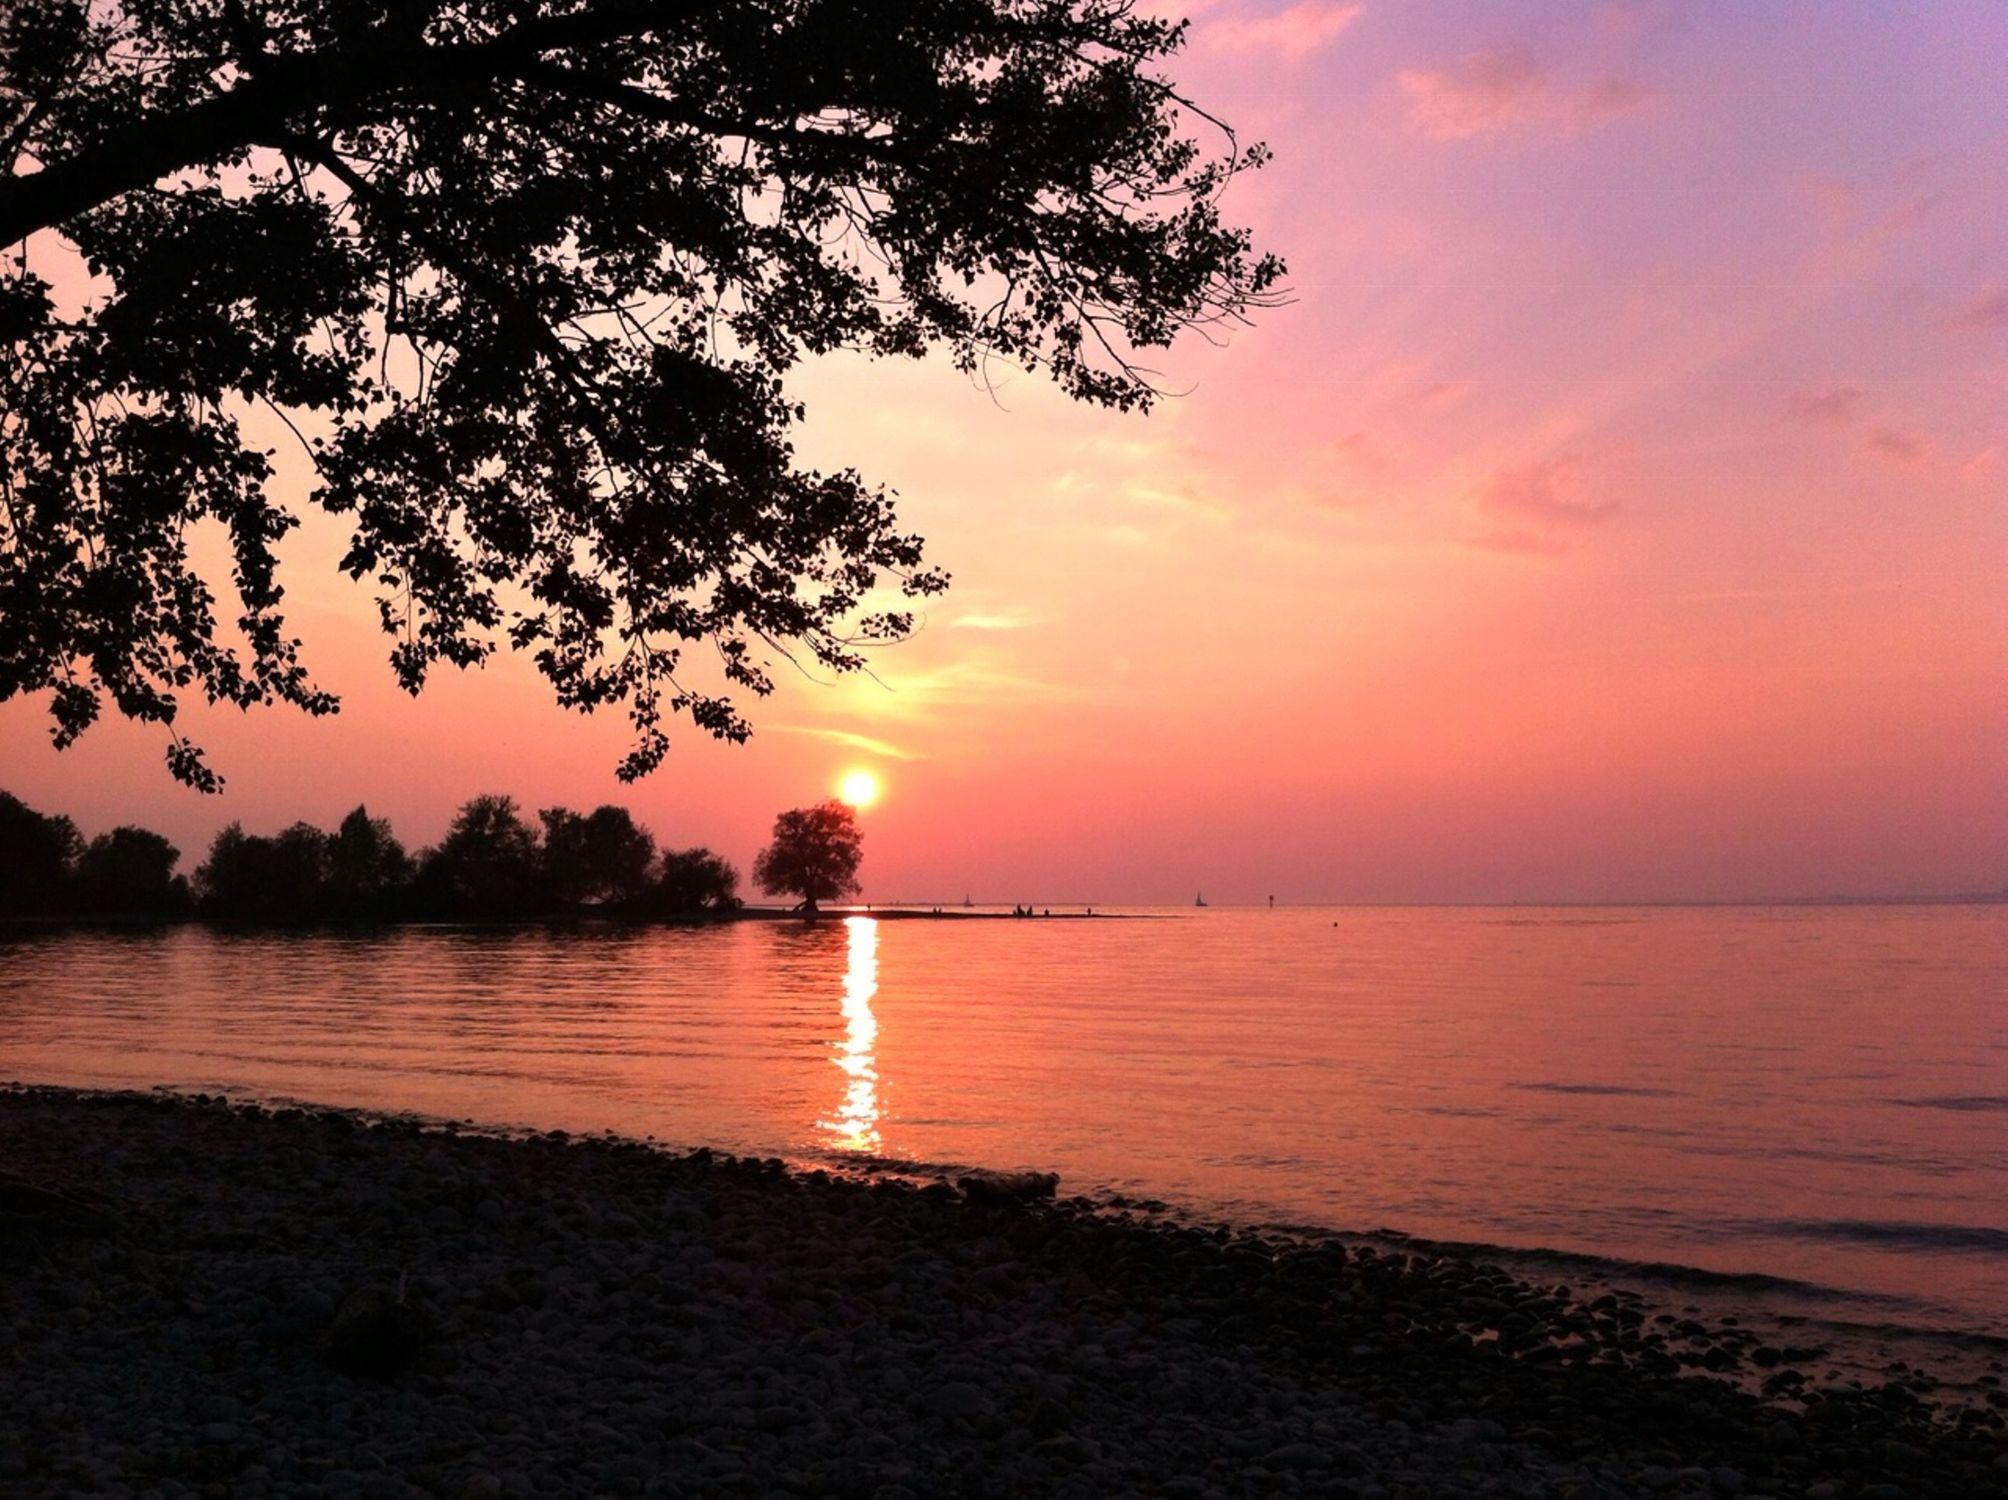 Bild mit Natur, Wasser, Wasser, Himmel, Seen, Rosa, Sonnenuntergang, Deutschland, Sonnenaufgang, Sonne, Österreich, romantik, See, See, Bodensee, Landschaft und Natur, pink, Abendstimmung, Schweiz